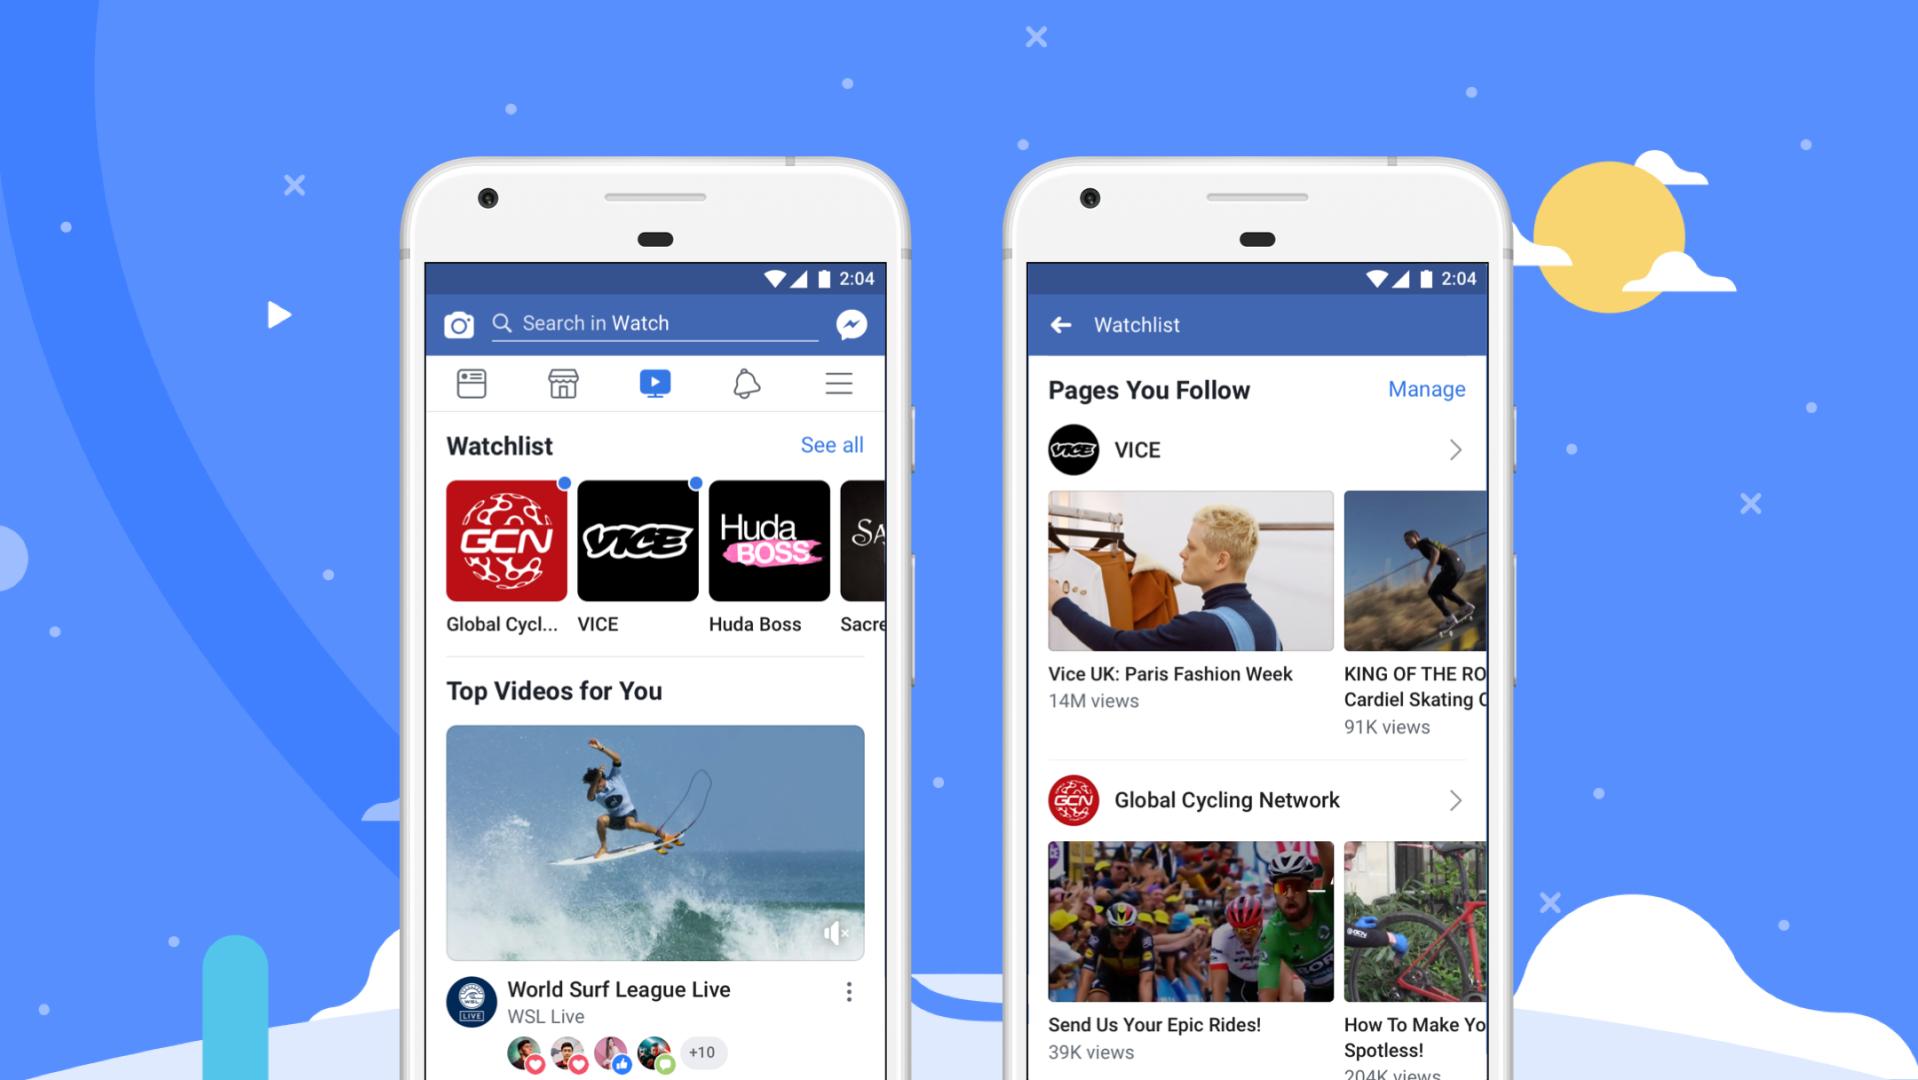 Facebook Watch on smartphones